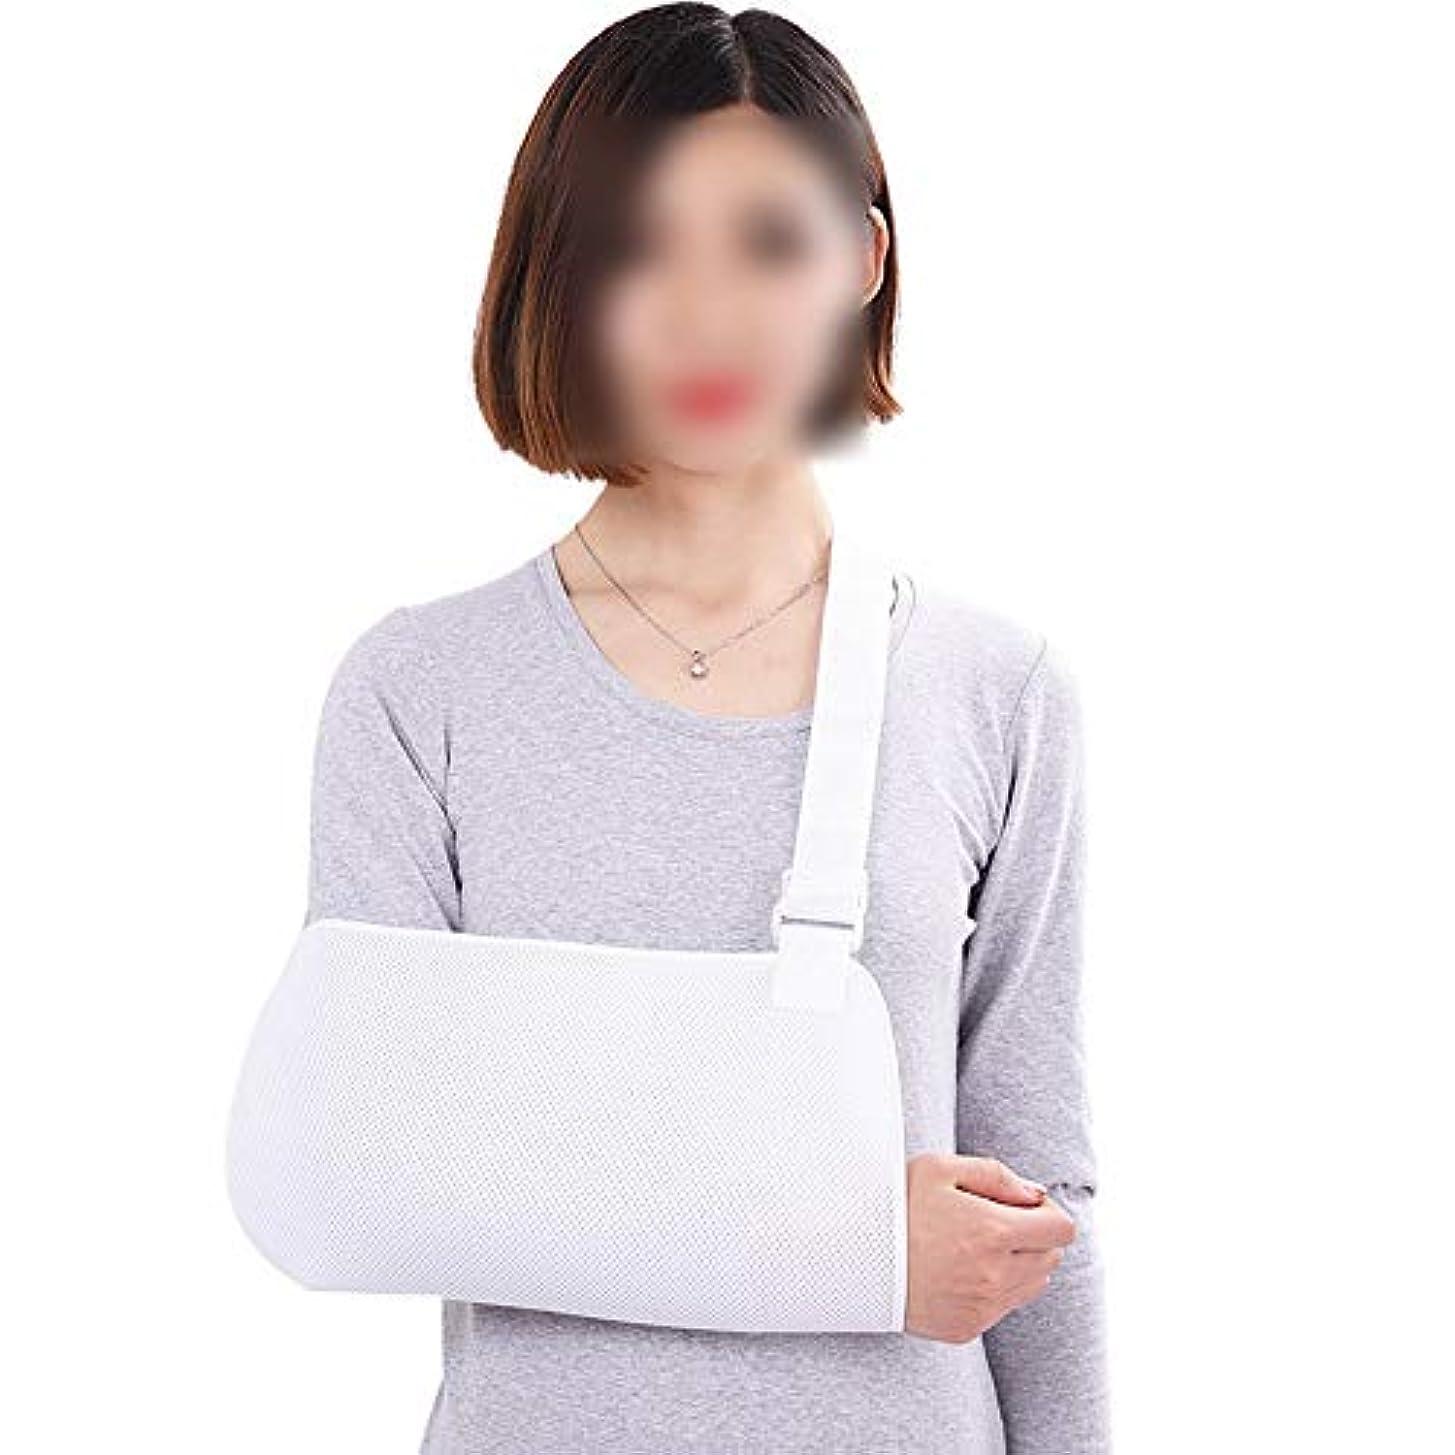 悲鳴未亡人未亡人ZYL-YL ハンギングネック包帯ホワイト前腕ストラップ腕手首肘関節の肩関節骨折負傷ソリッド装具ツールアームスリング